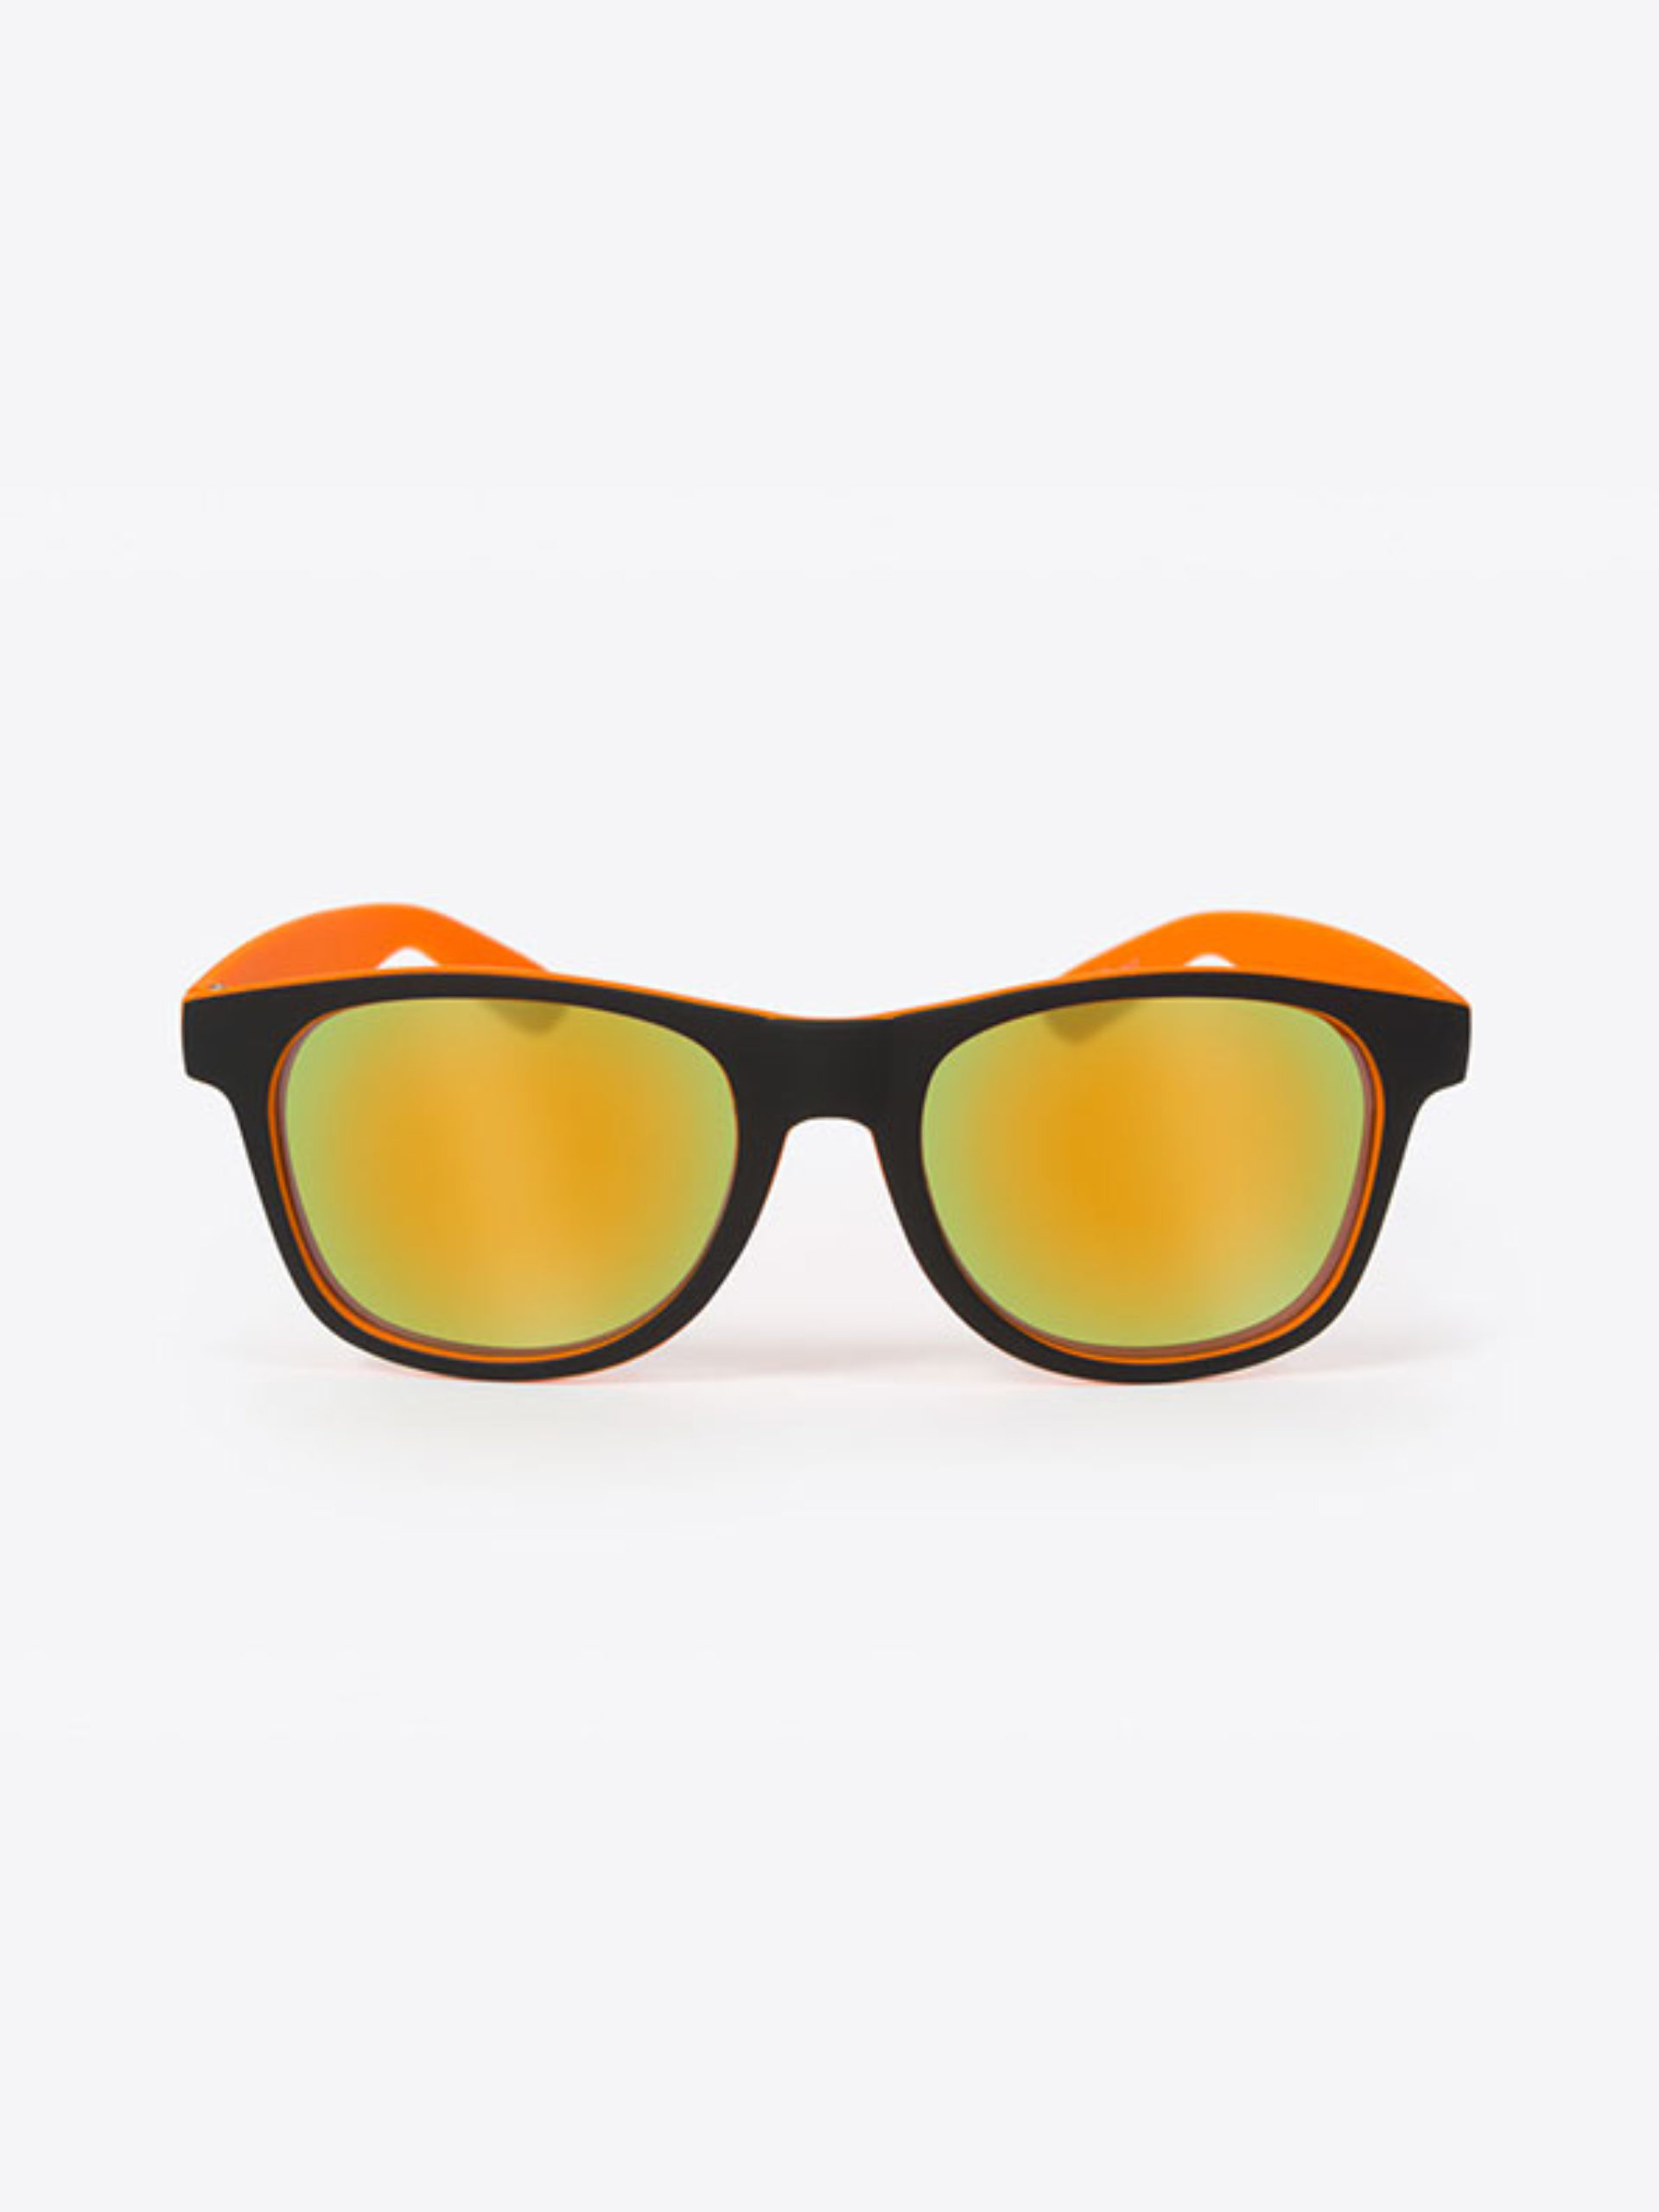 Sonnenbrille Bedrucken Mit Schriftzug 1